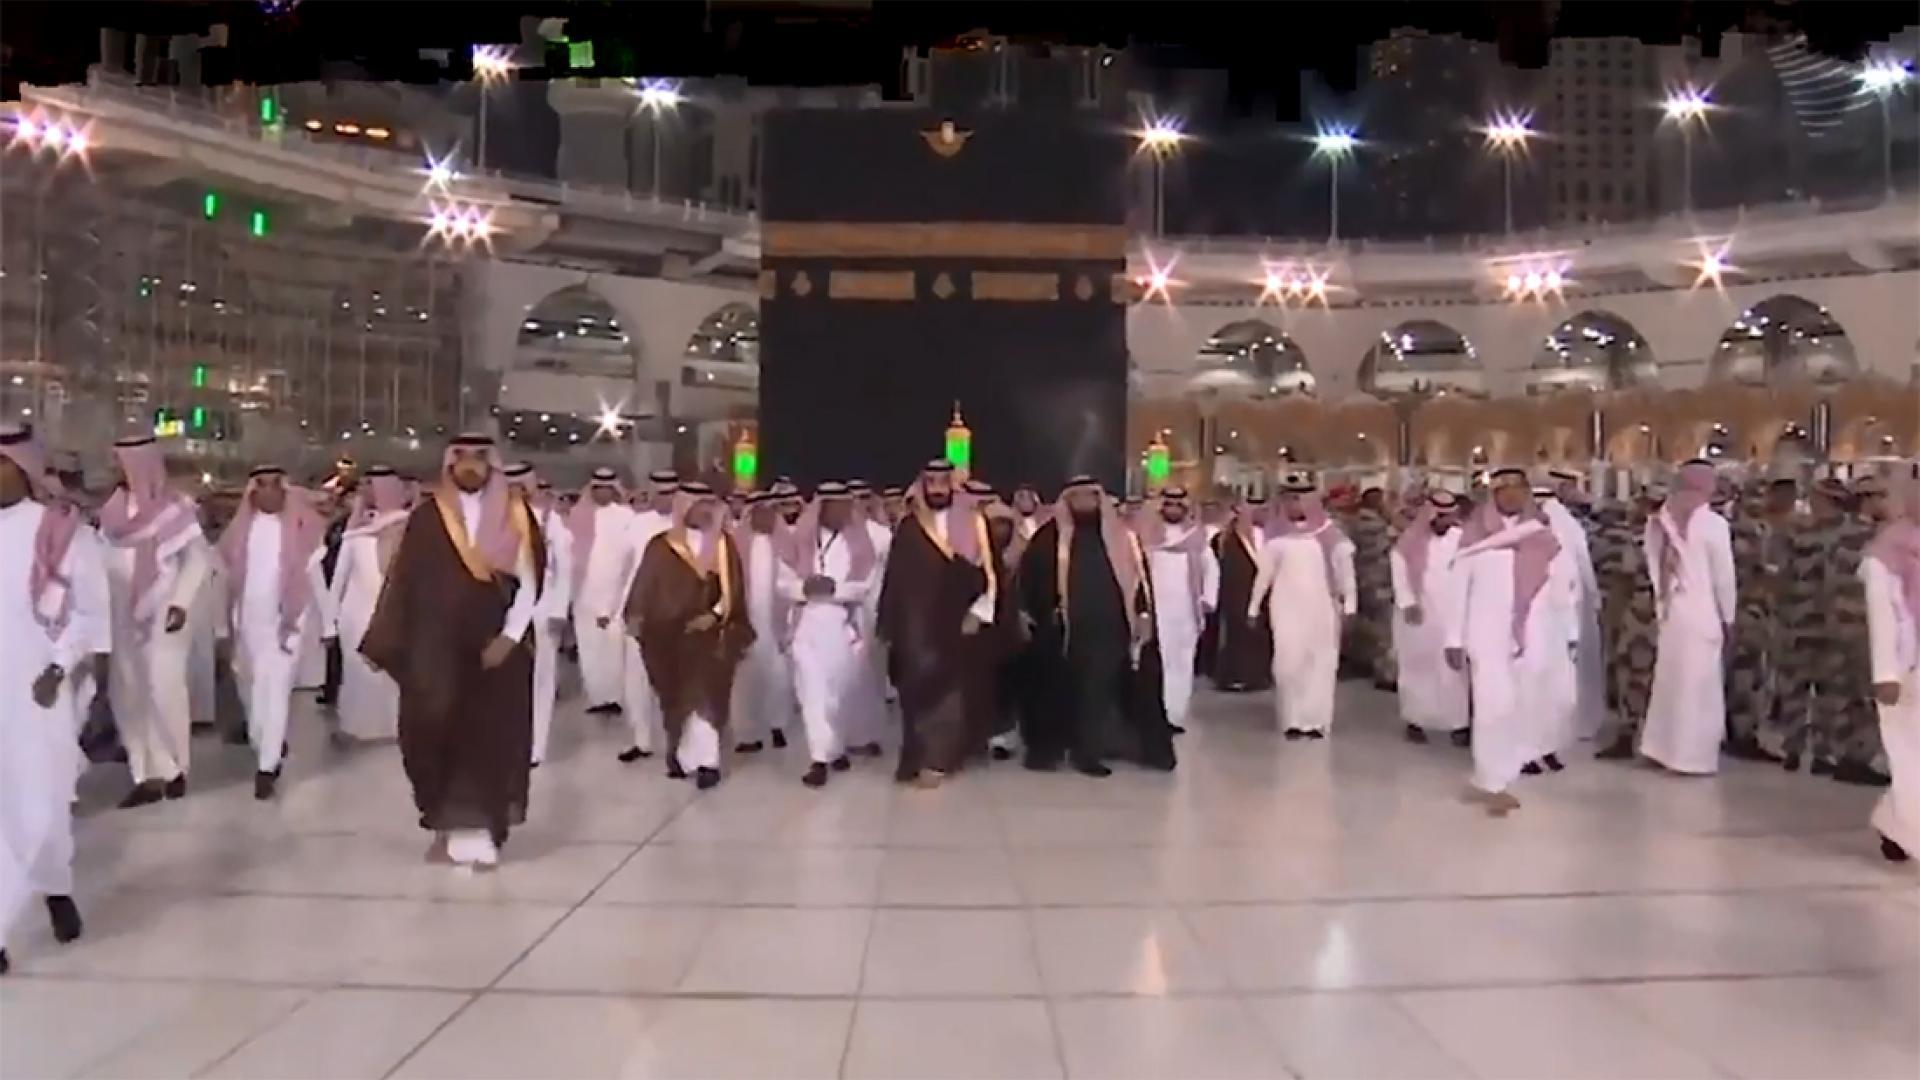 مع غياب العريفي.. هذا ما قاله المغامسي والقرني والقطامي عن زيارة ولي عهد السعودية للحرم